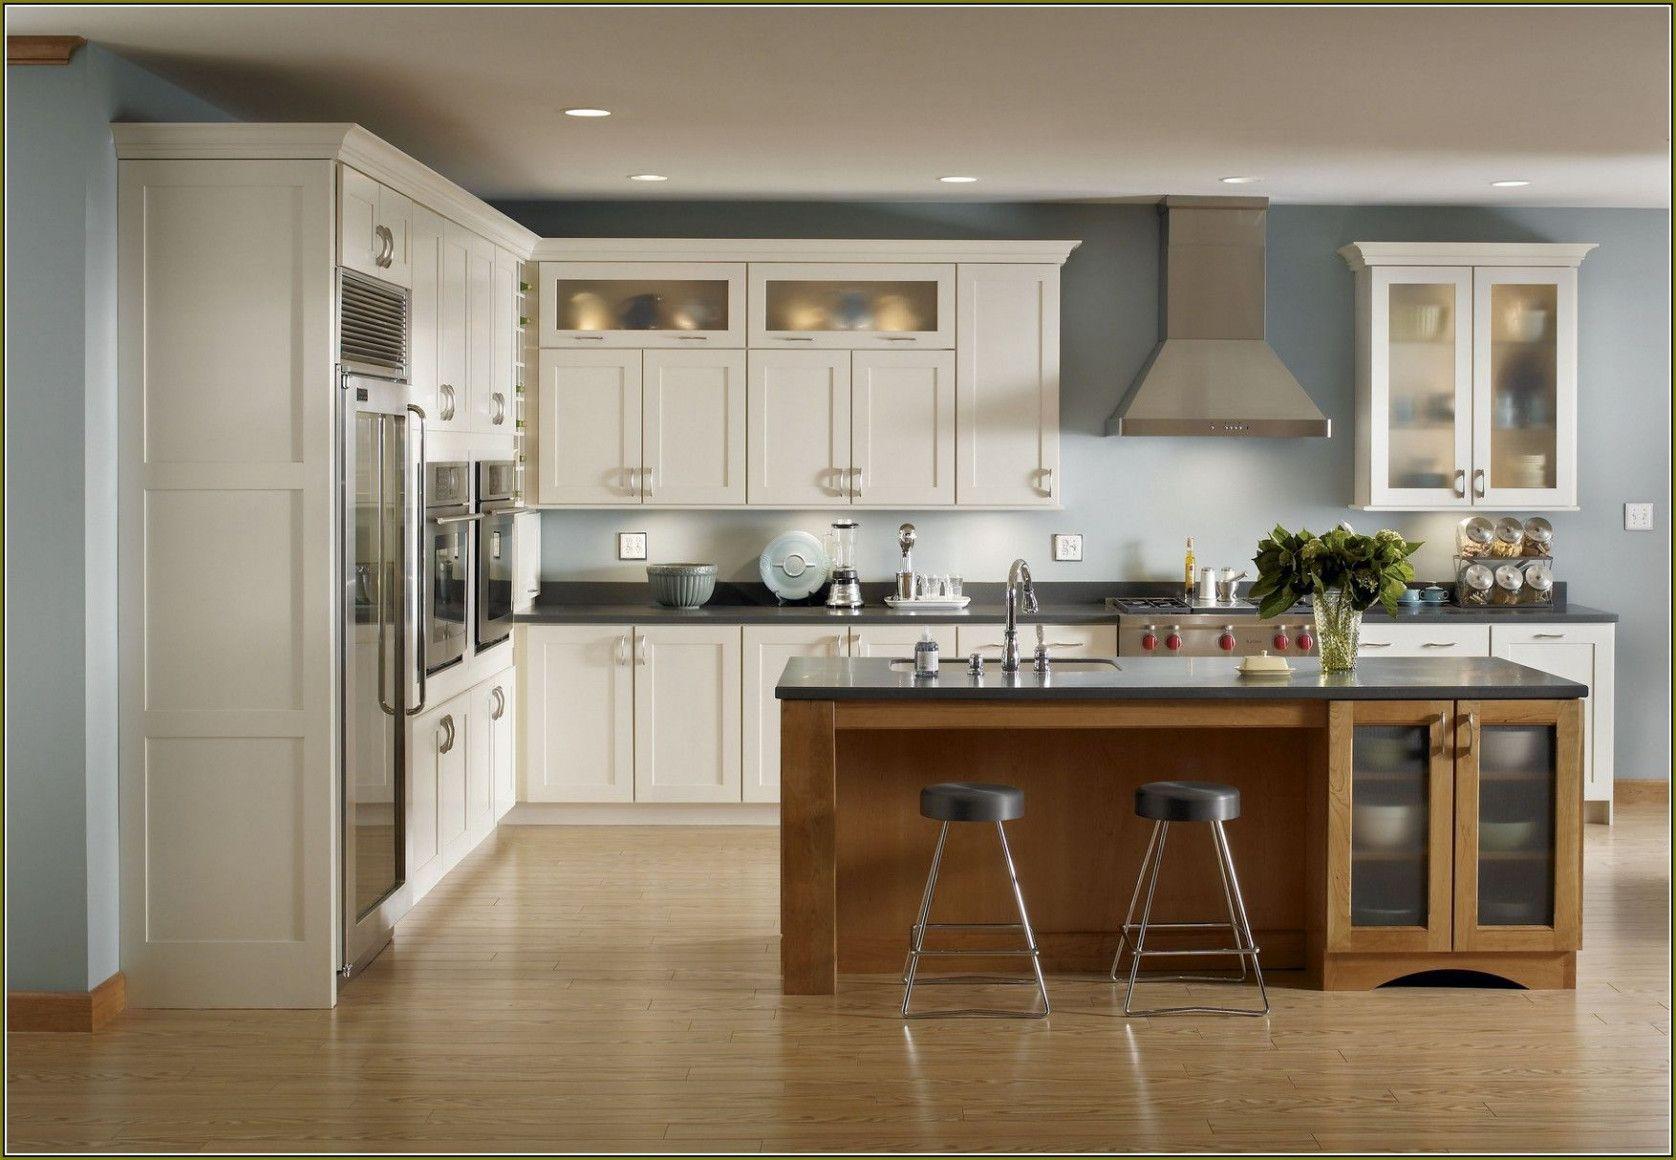 Medium Crop Of Kitchen Decor Theme